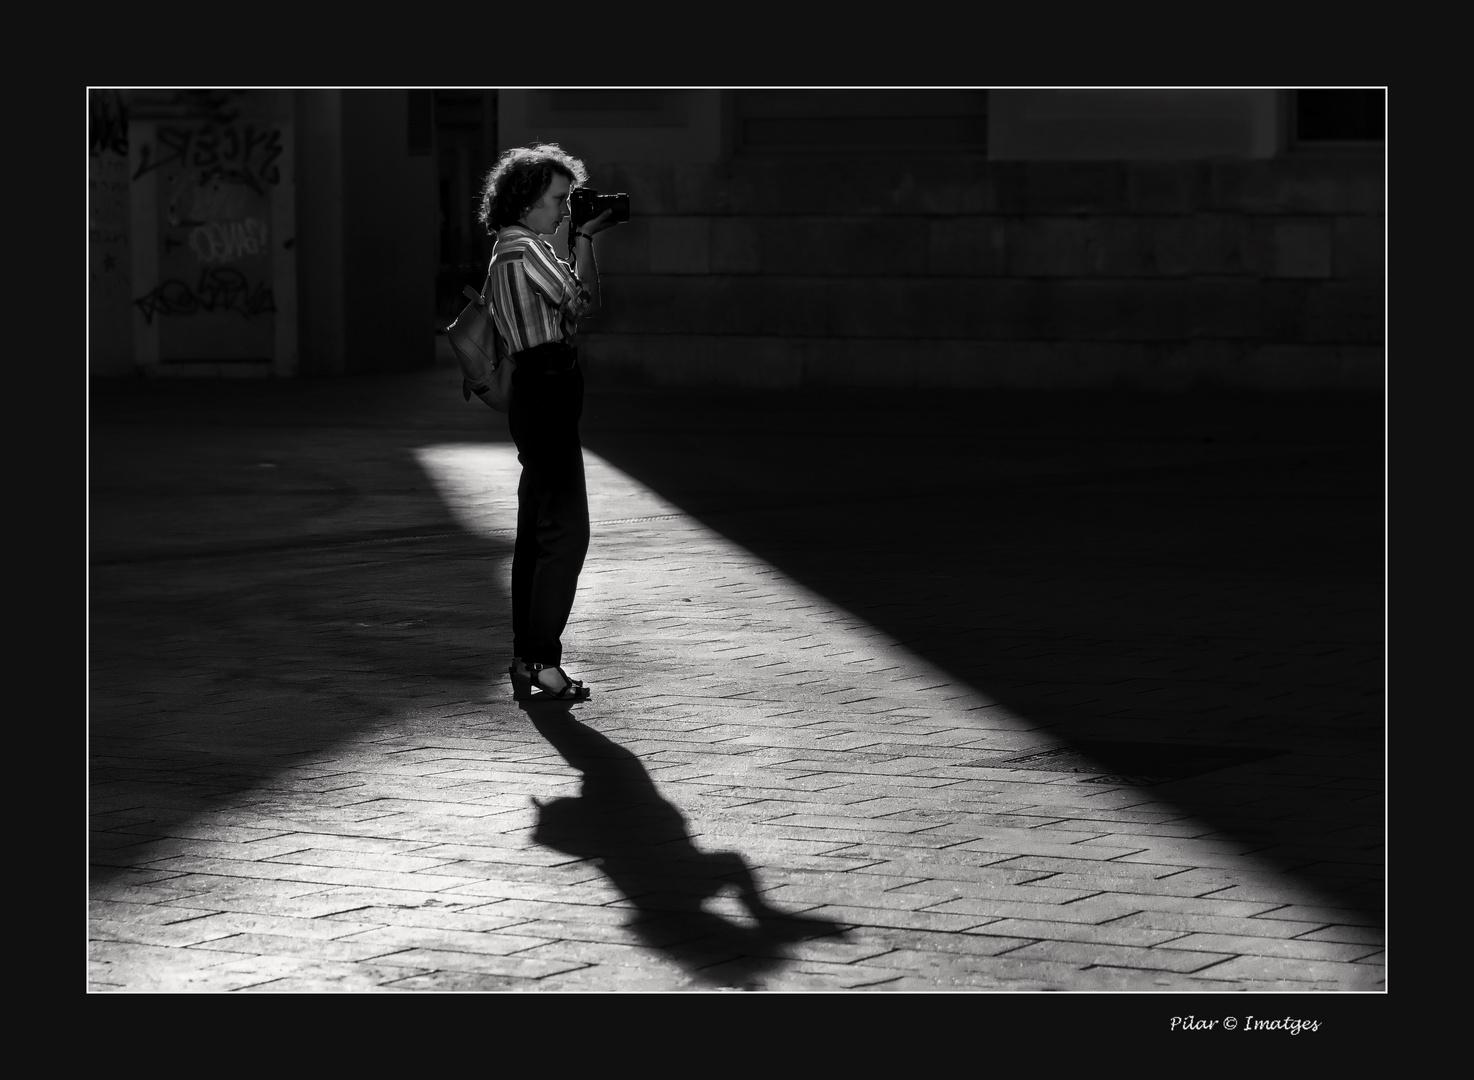 Luces y sombras de un fotografo